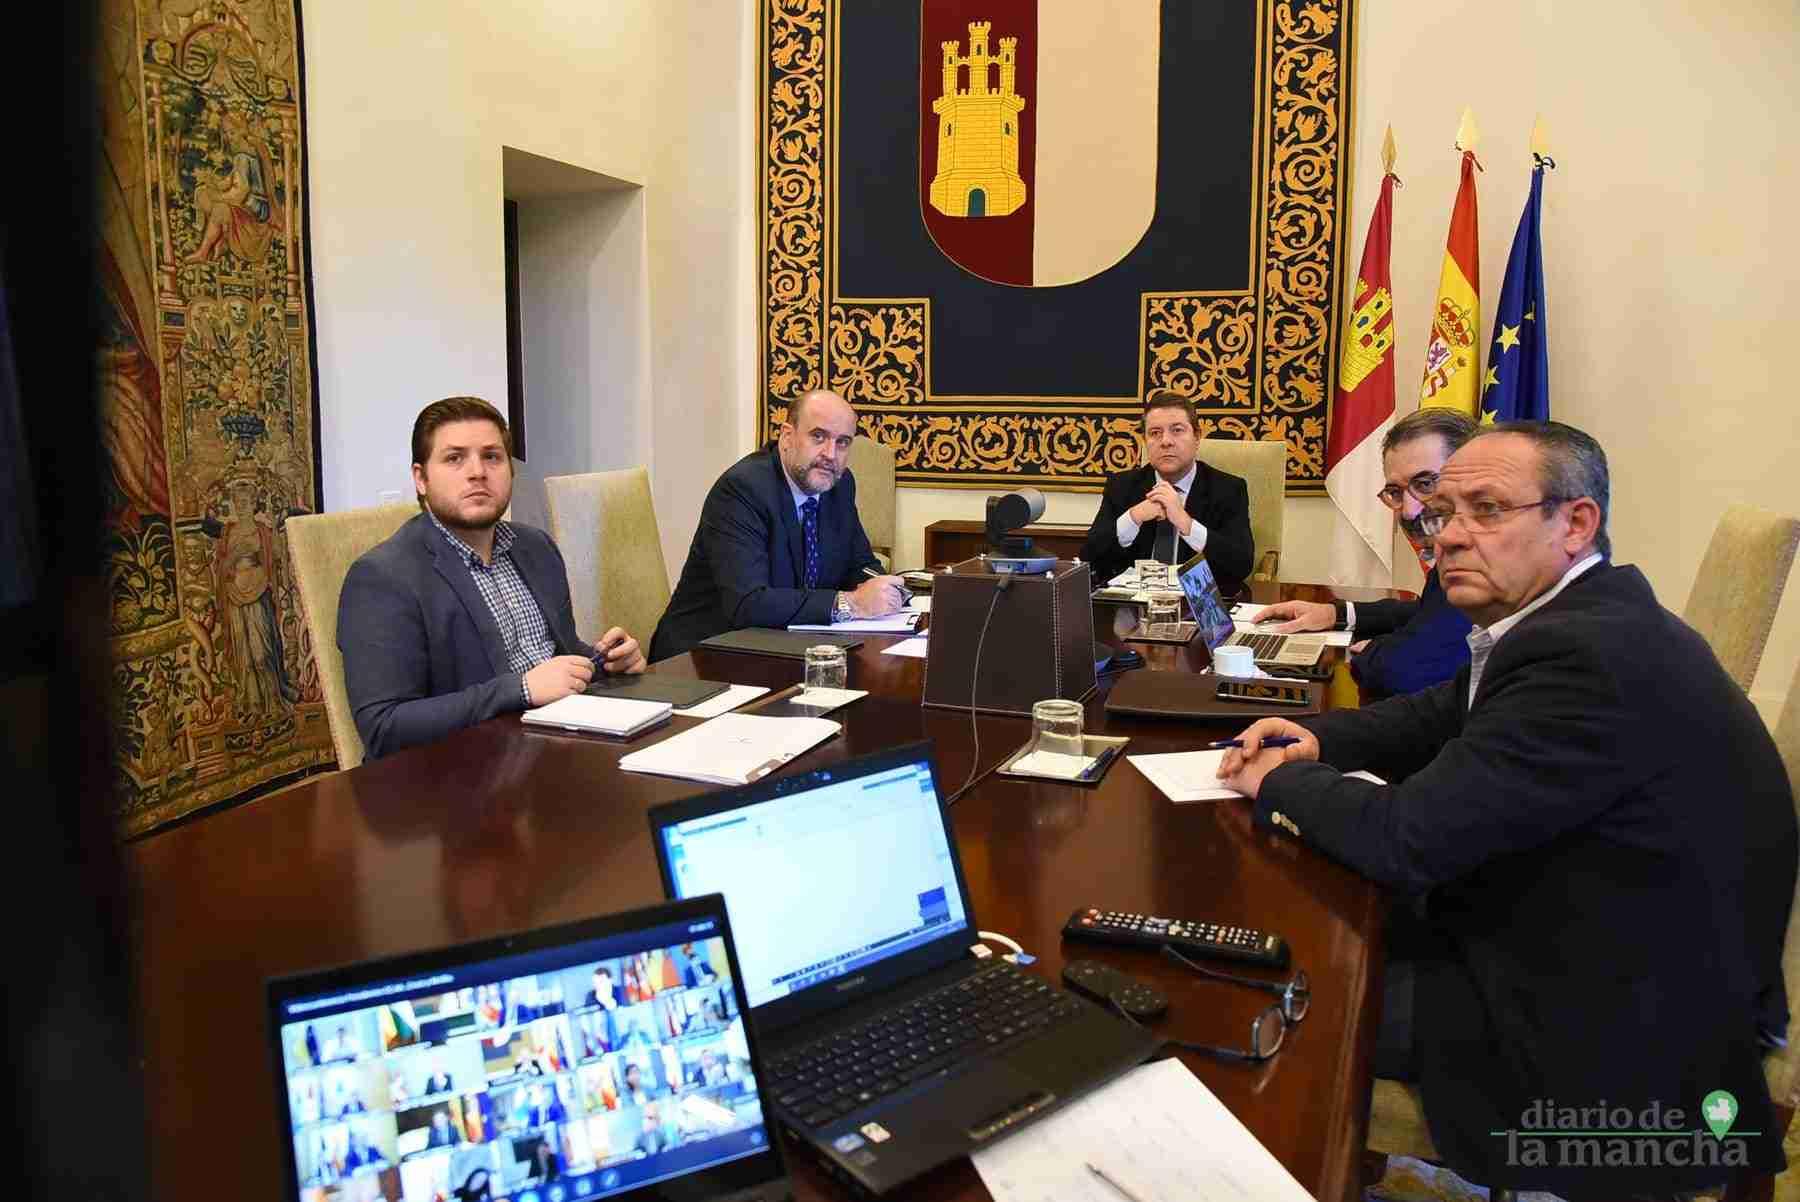 Videoconferencia de los presidentes autonómicos con el presidente del Gobierno de España 24